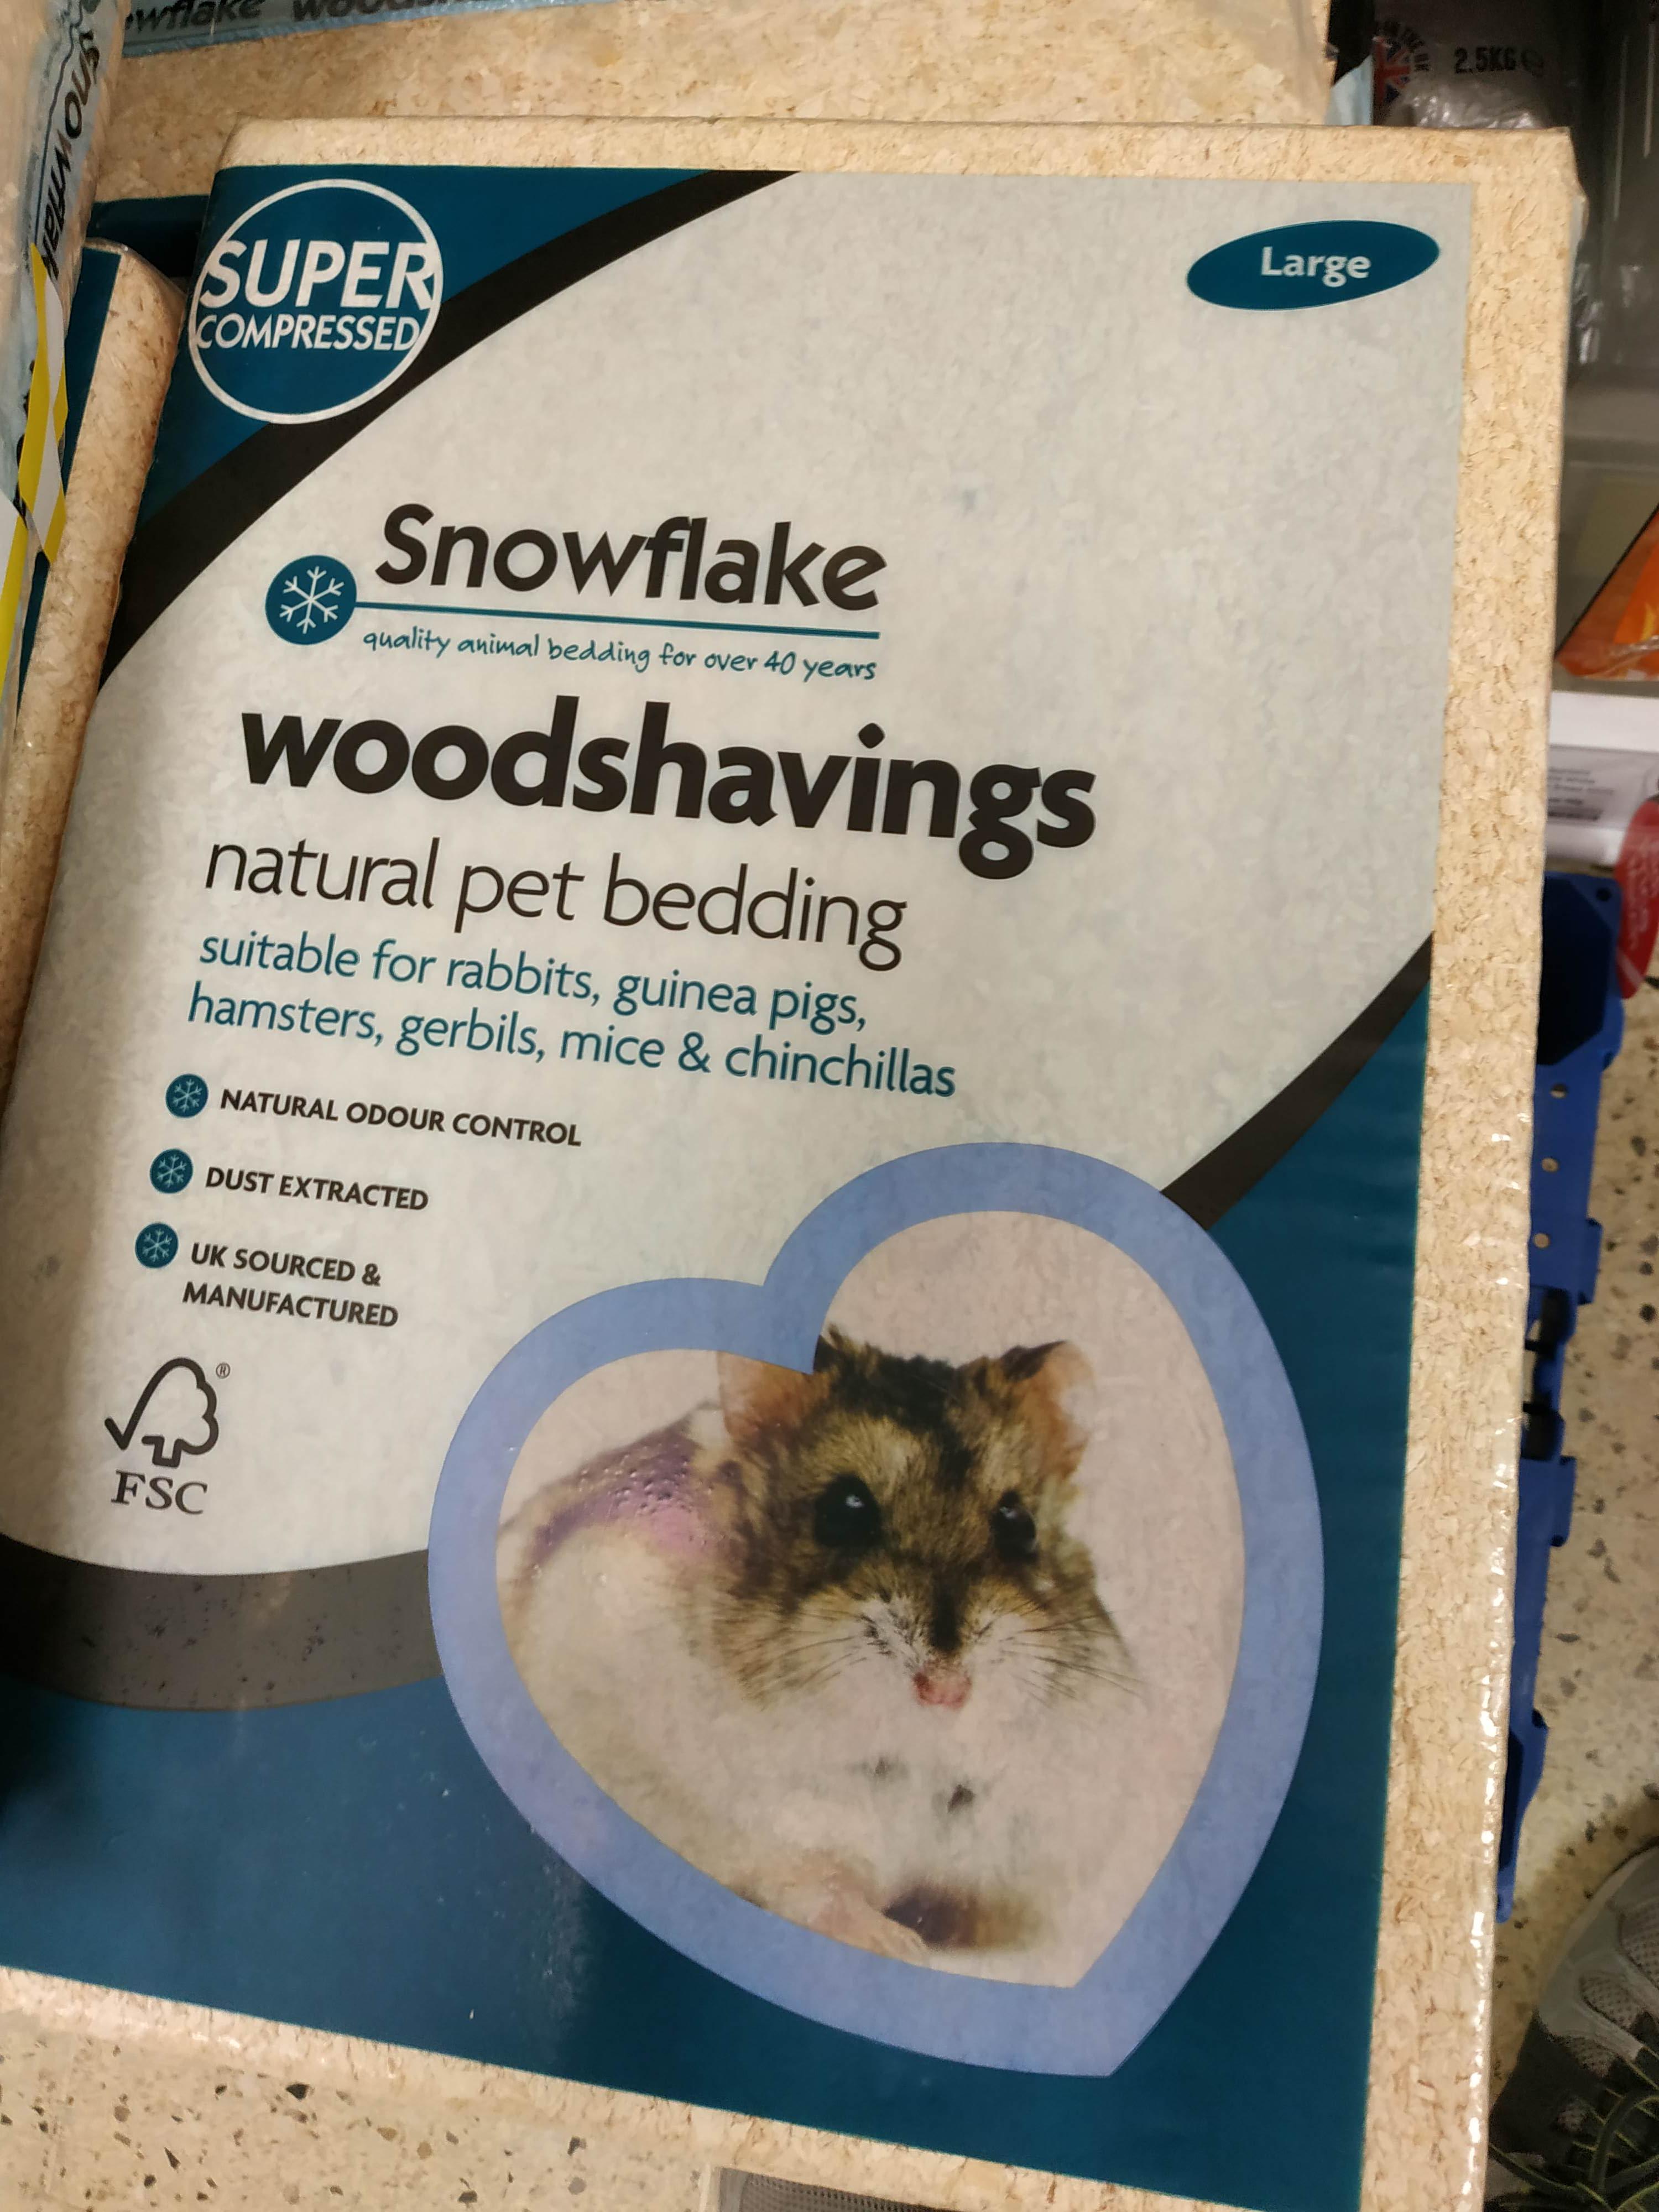 Soft wood shavings Large size 75p @ Tesco Harlesden